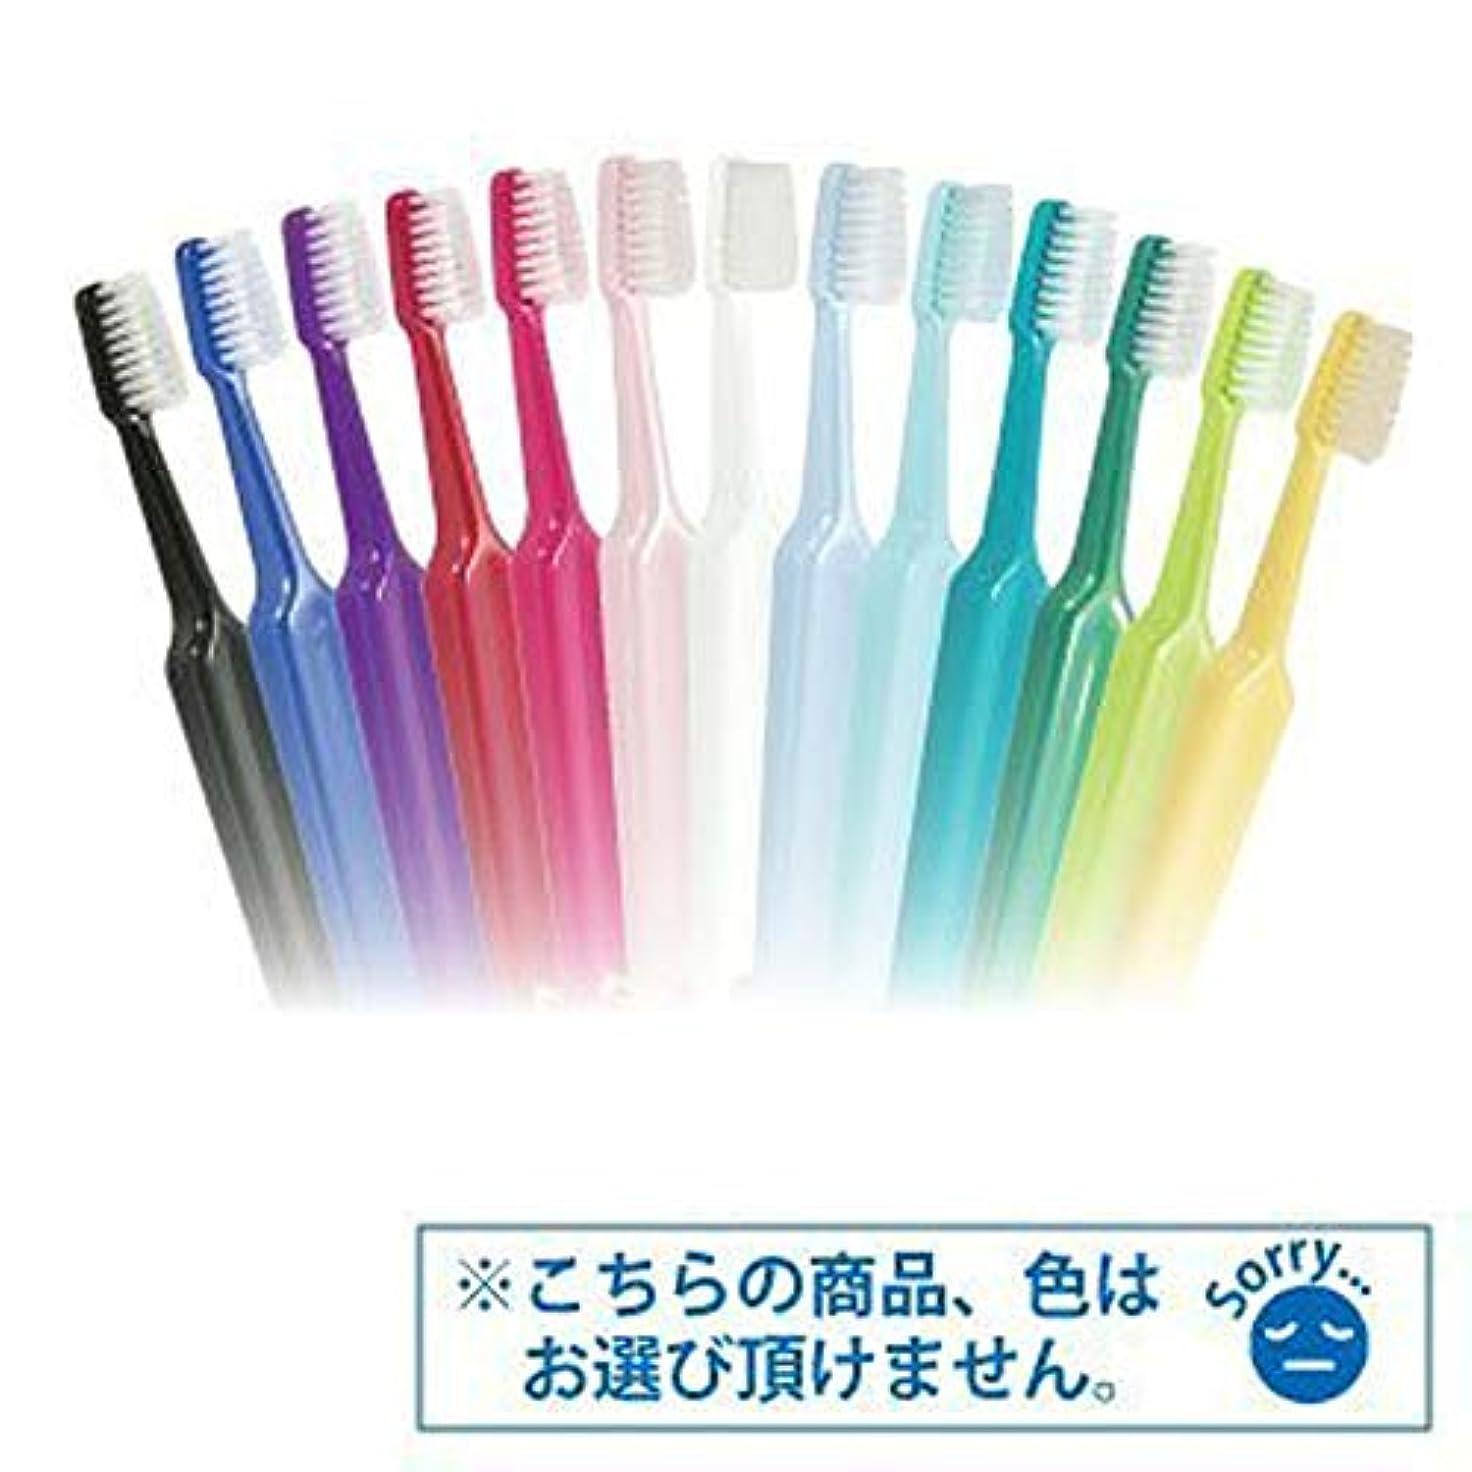 繕うアンカーバンドルTePe テペ セレクトコンパクト コンパクトミディアム 歯ブラシ 30本